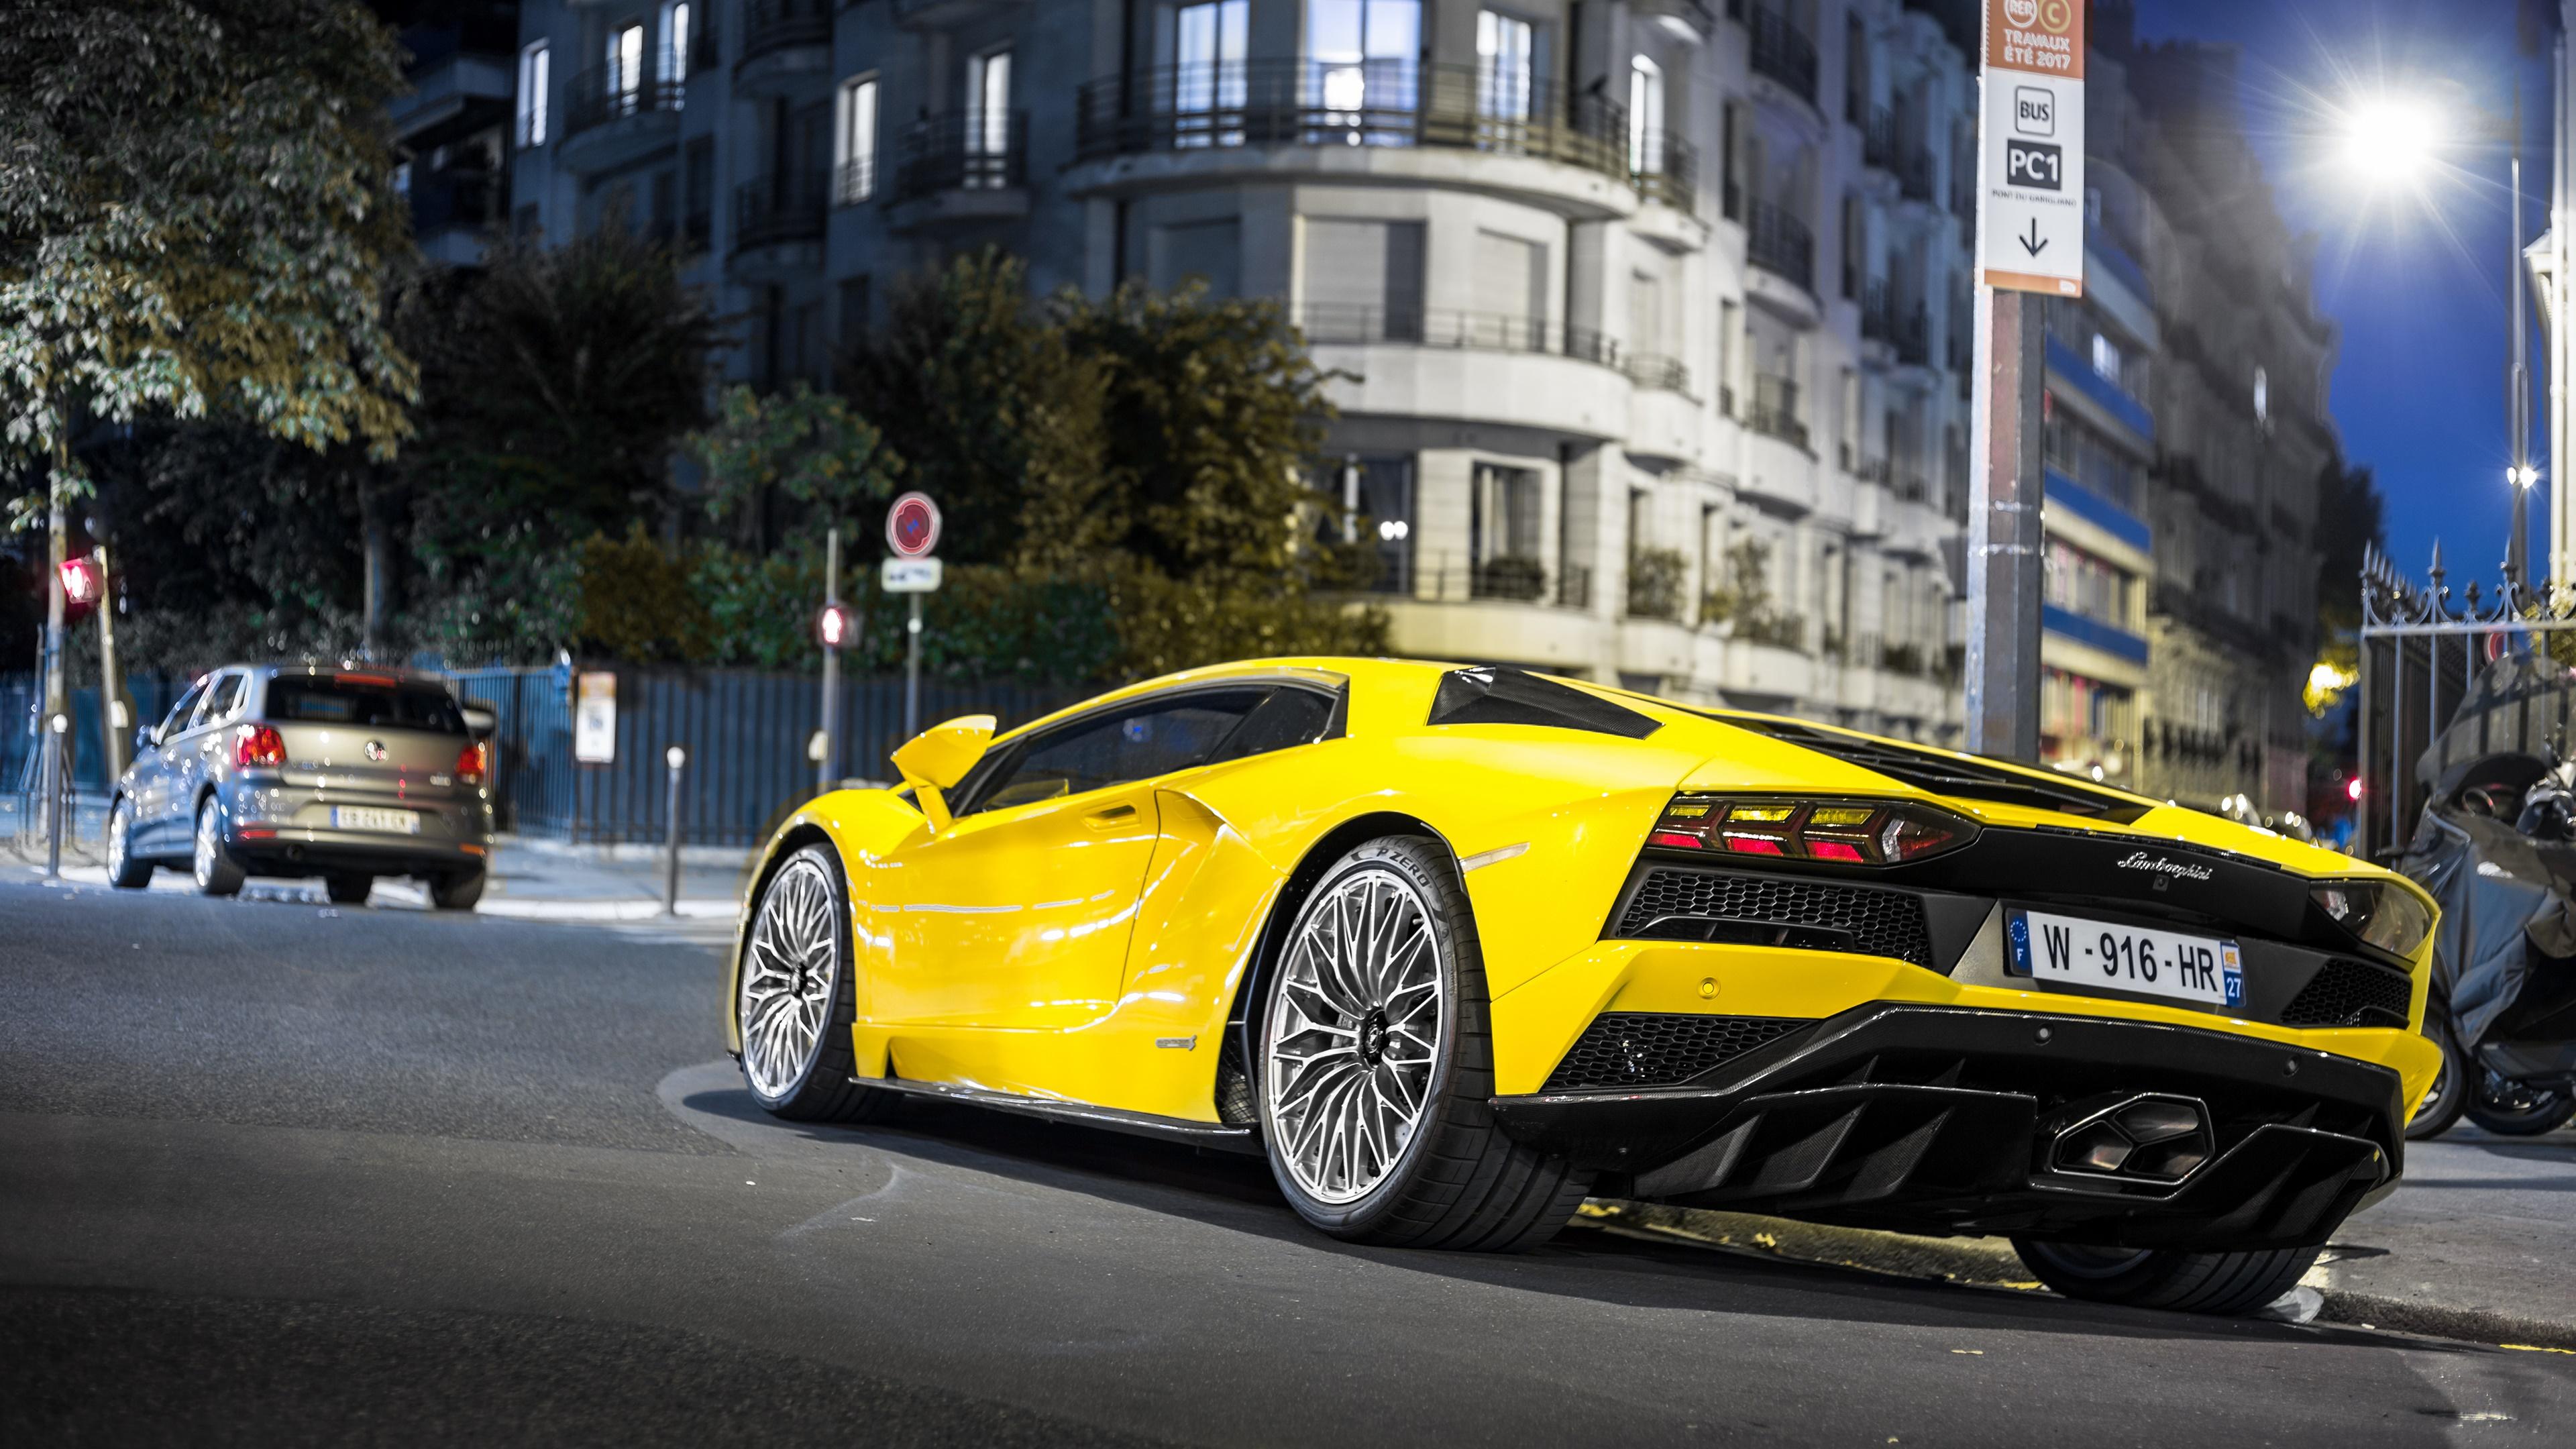 Yellow Lamborghini Aventador 4k Ultrahd Wallpaper Backiee Free